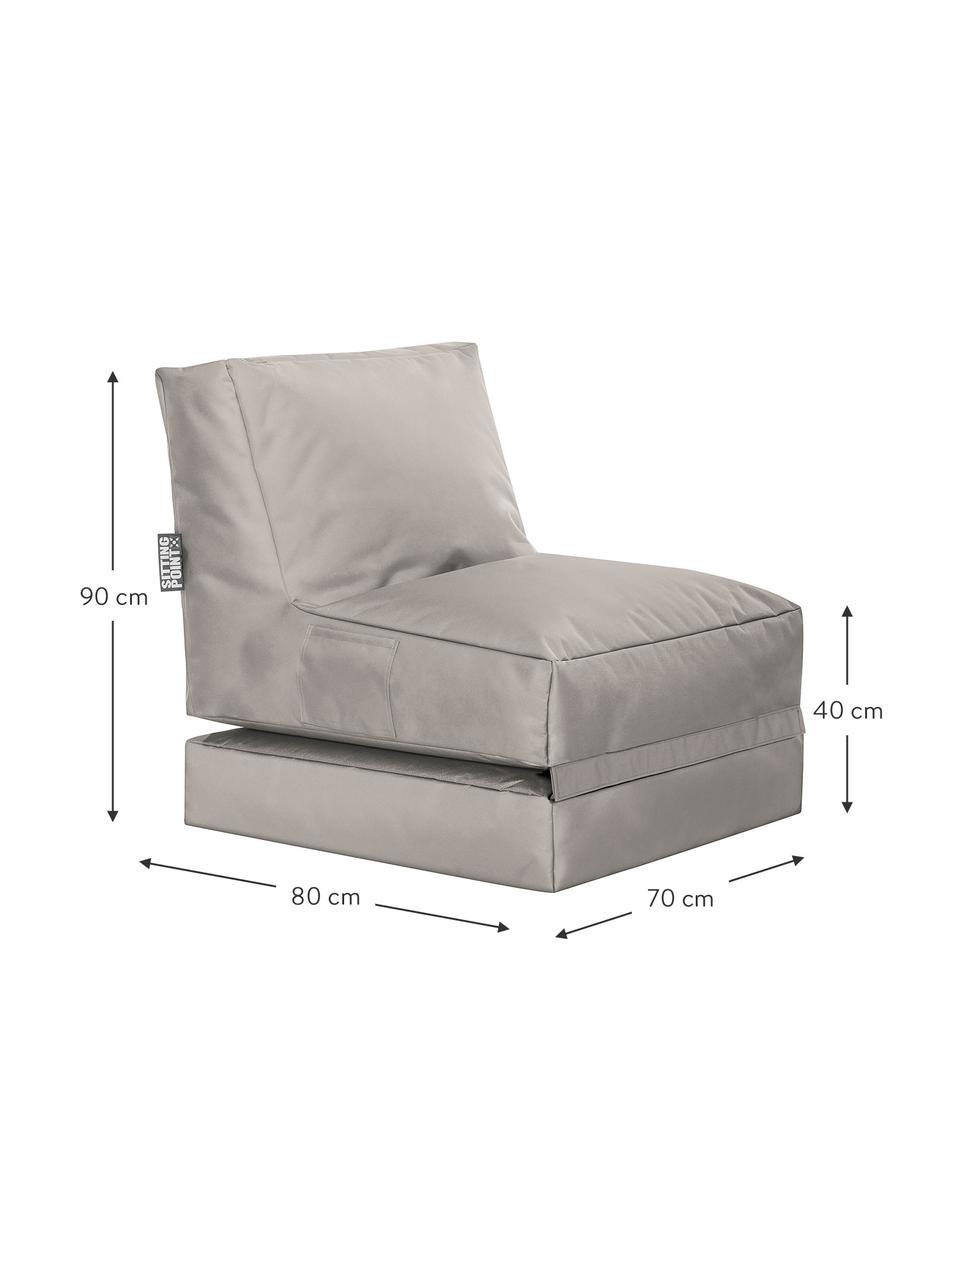 Fotel ogrodowy z funkcją leżenia Pop Up, Tapicerka: 100% poliester Wewnątrz p, Jasny szary, S 70 x G 90 cm